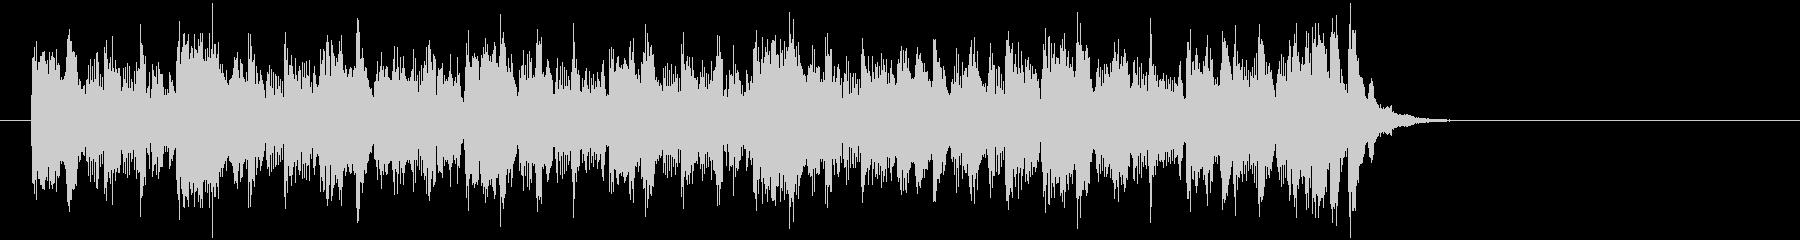 エレクトリックポップス(サビ)の未再生の波形